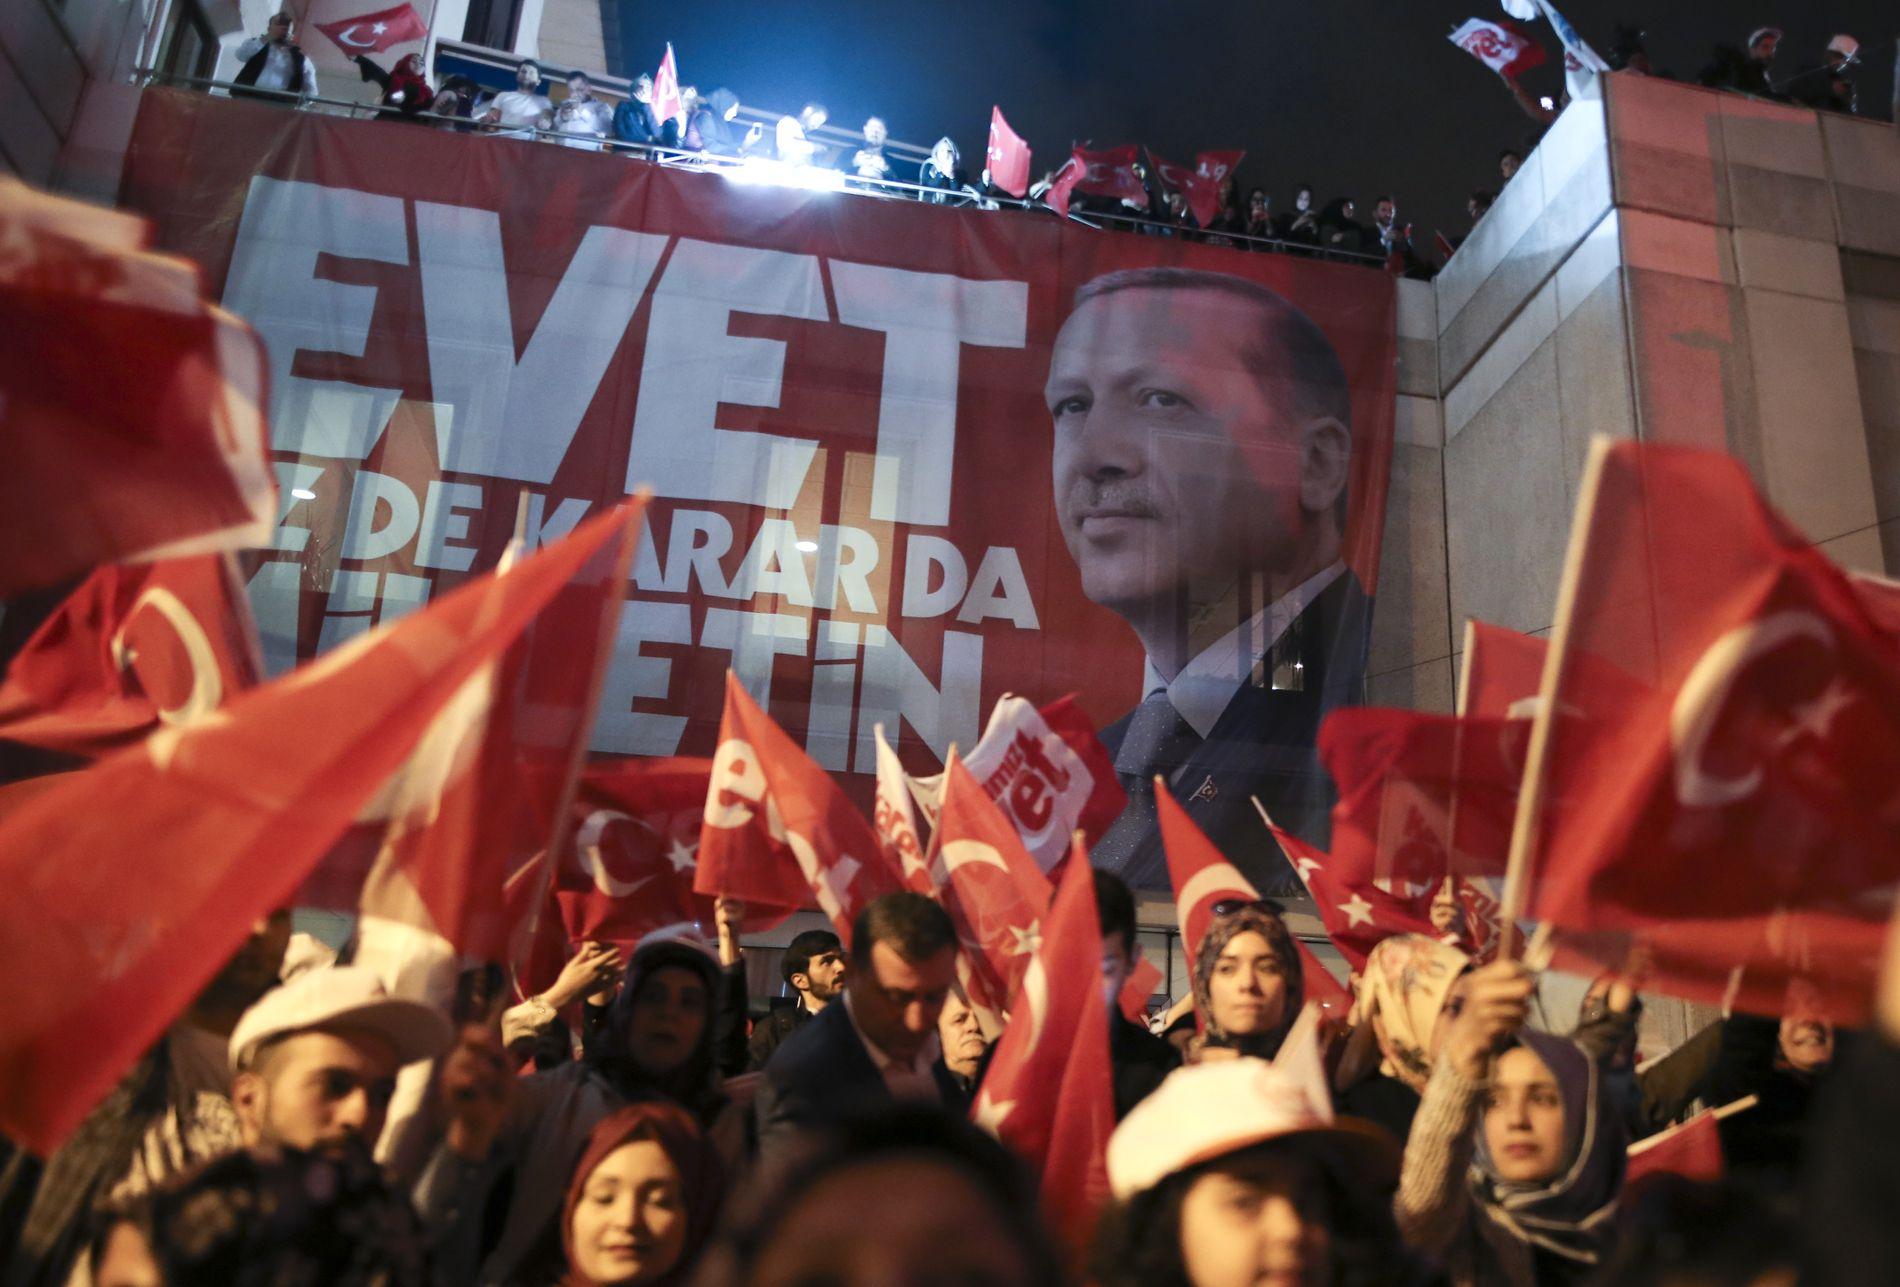 FEIRET: President Recep Tayyip Erdogans tilhengere feirer utenfor AKP sitt hovedkvarter i Istanbul.